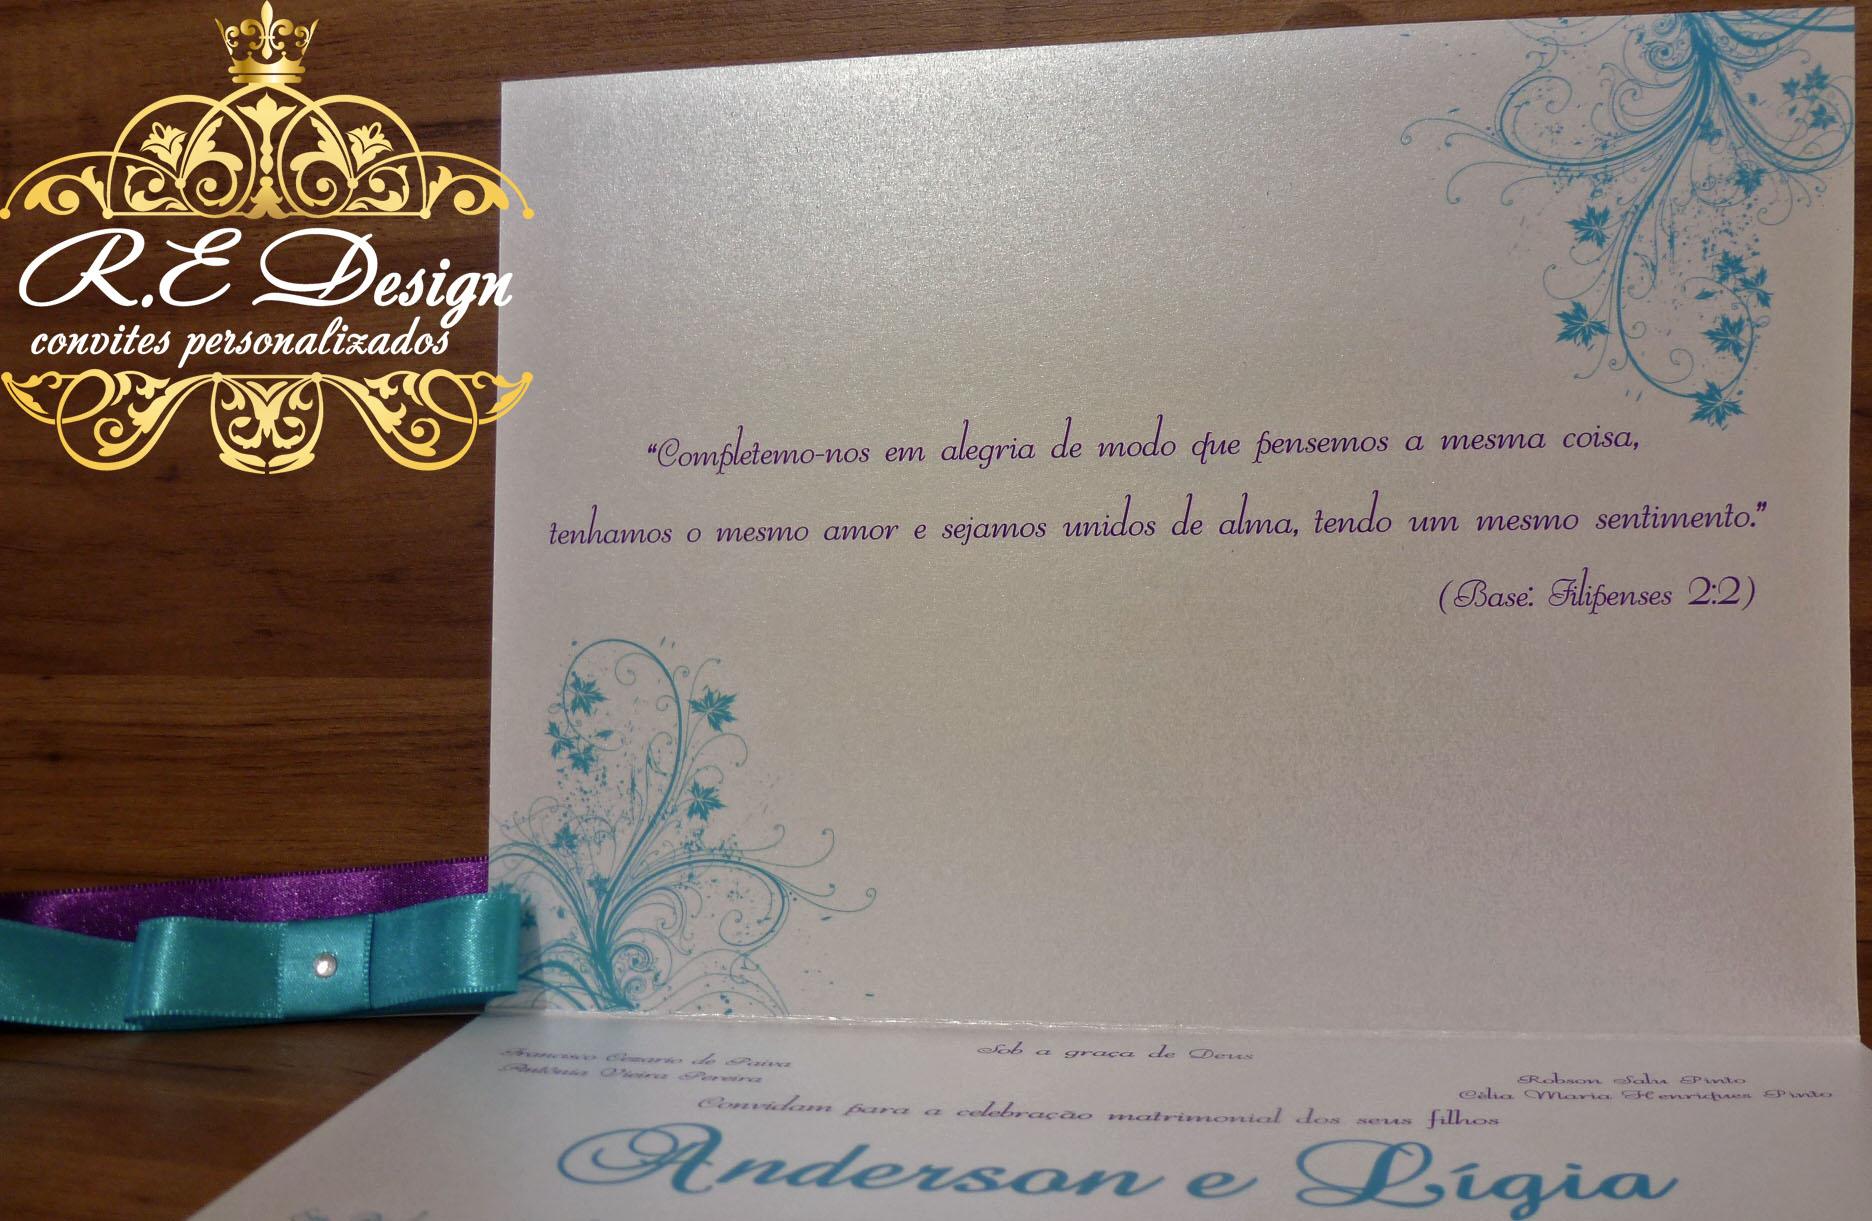 Convite Para Casamento Papel Brilhante No Elo7 Re Design Convites